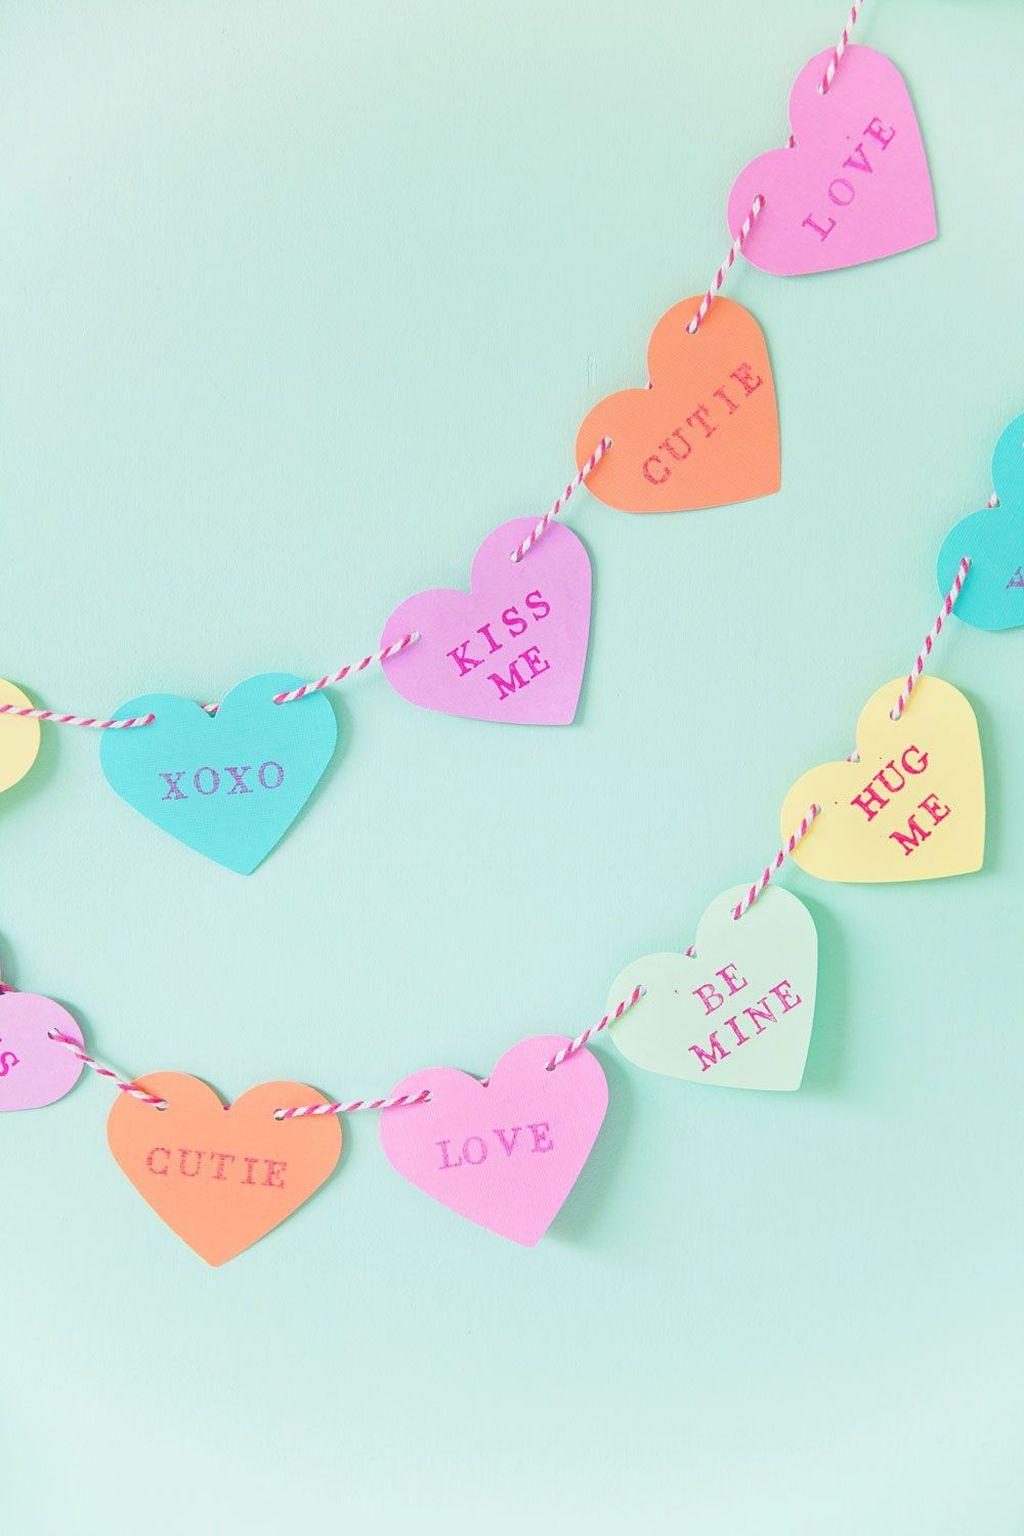 Activités de la Saint-Valentin: guirlande de coeurs en papier.